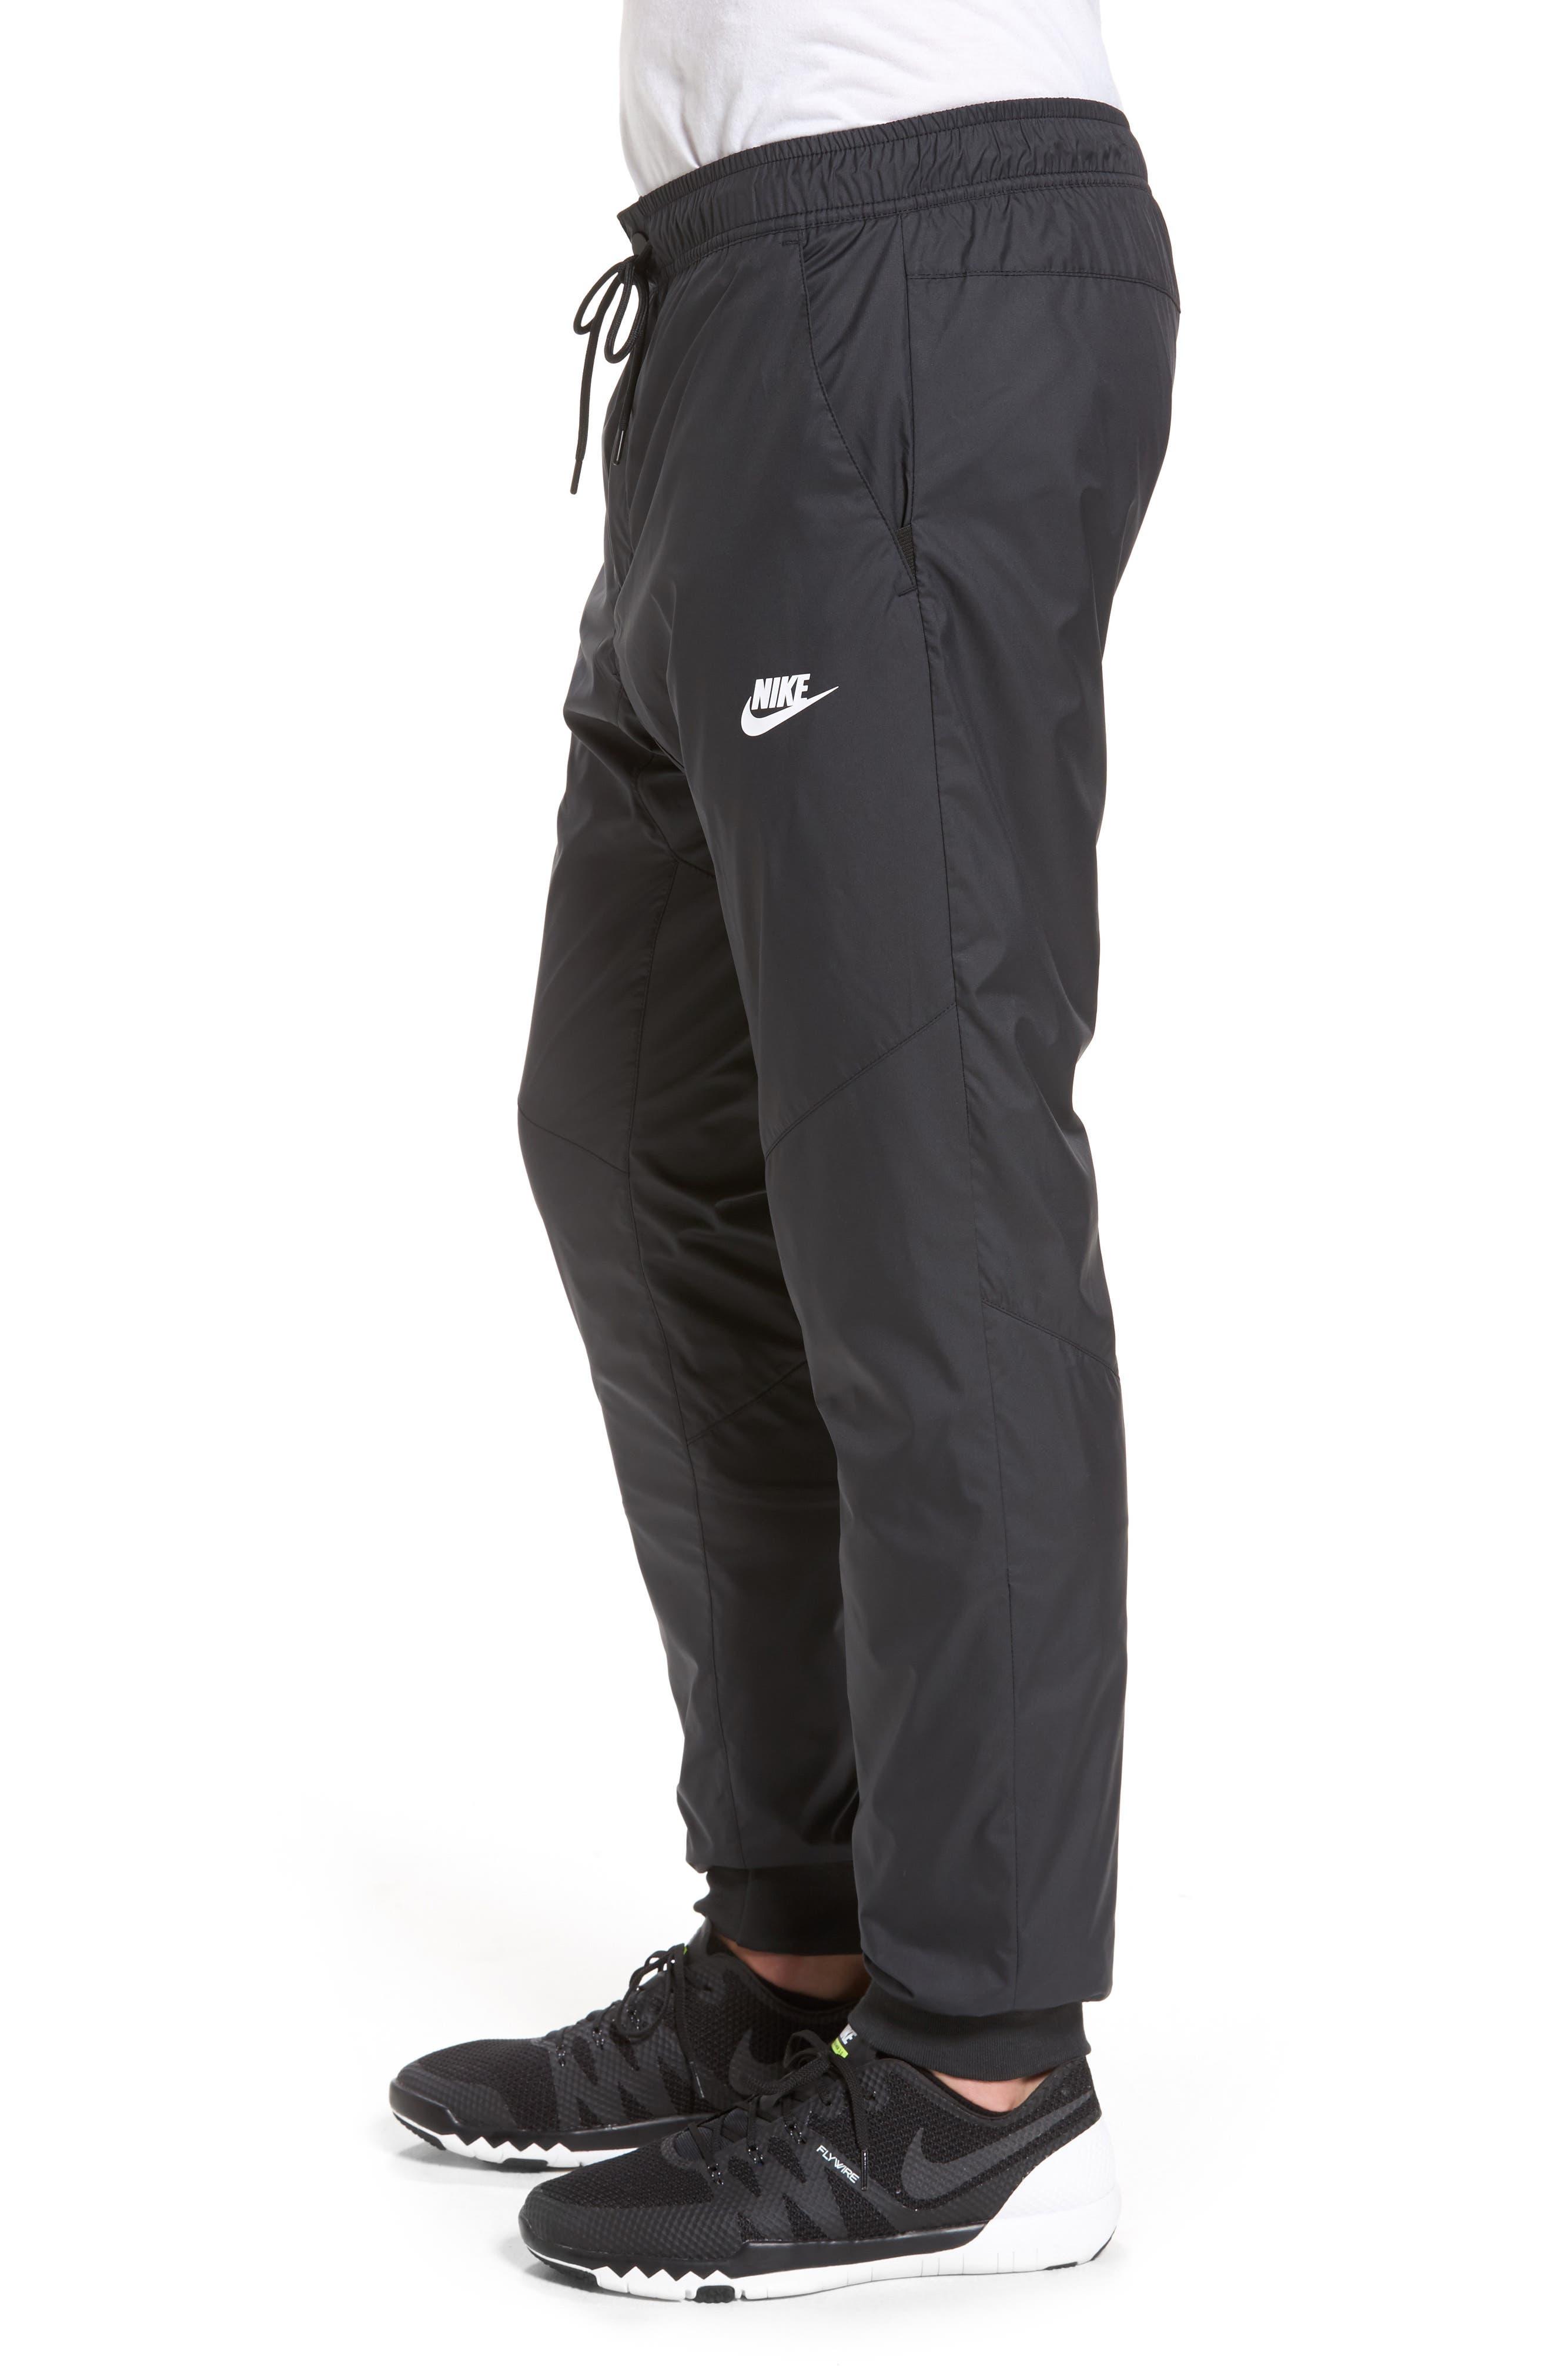 Windrunner Training Pants,                             Alternate thumbnail 3, color,                             Black/ Black/ Black/ White